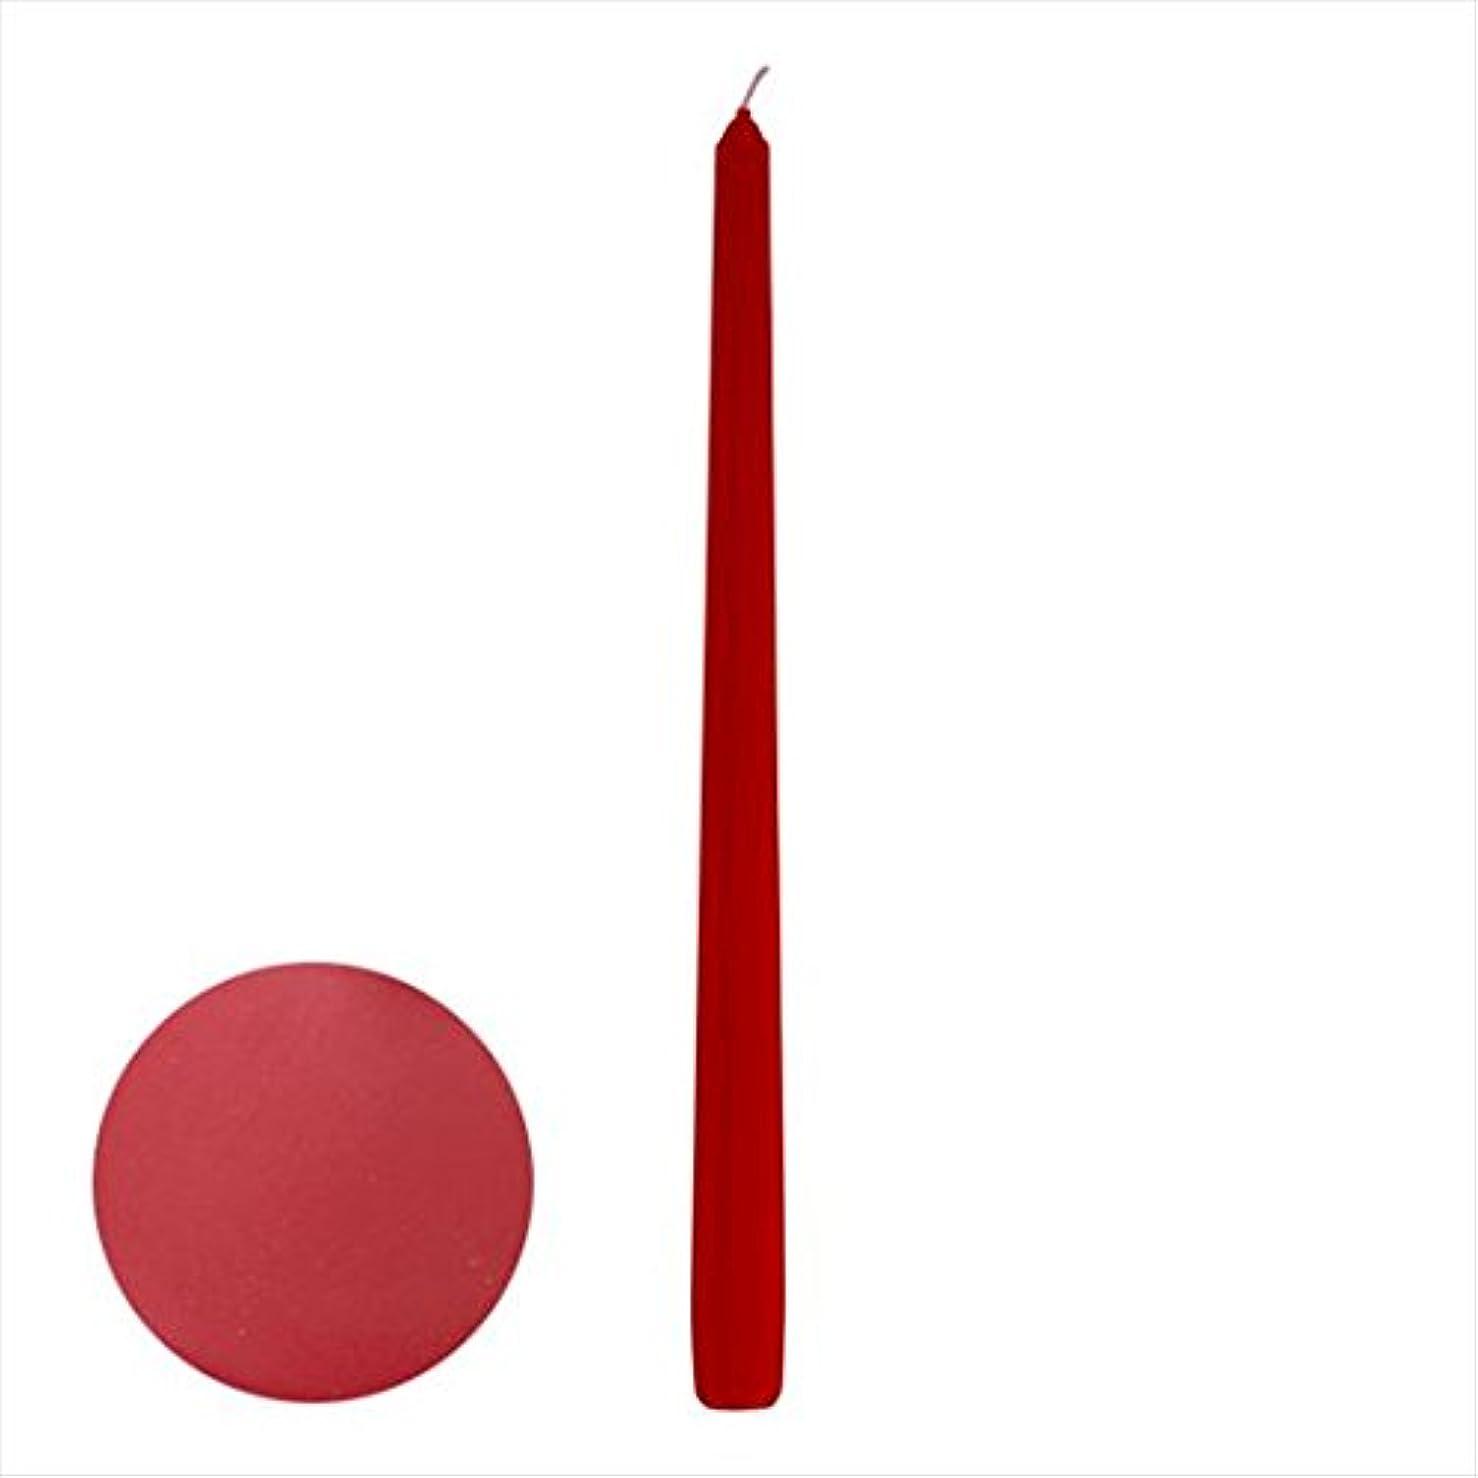 時間厳守教え作成するカメヤマキャンドル(kameyama candle) 12インチテーパー 「 ダークレッド 」 12本入り